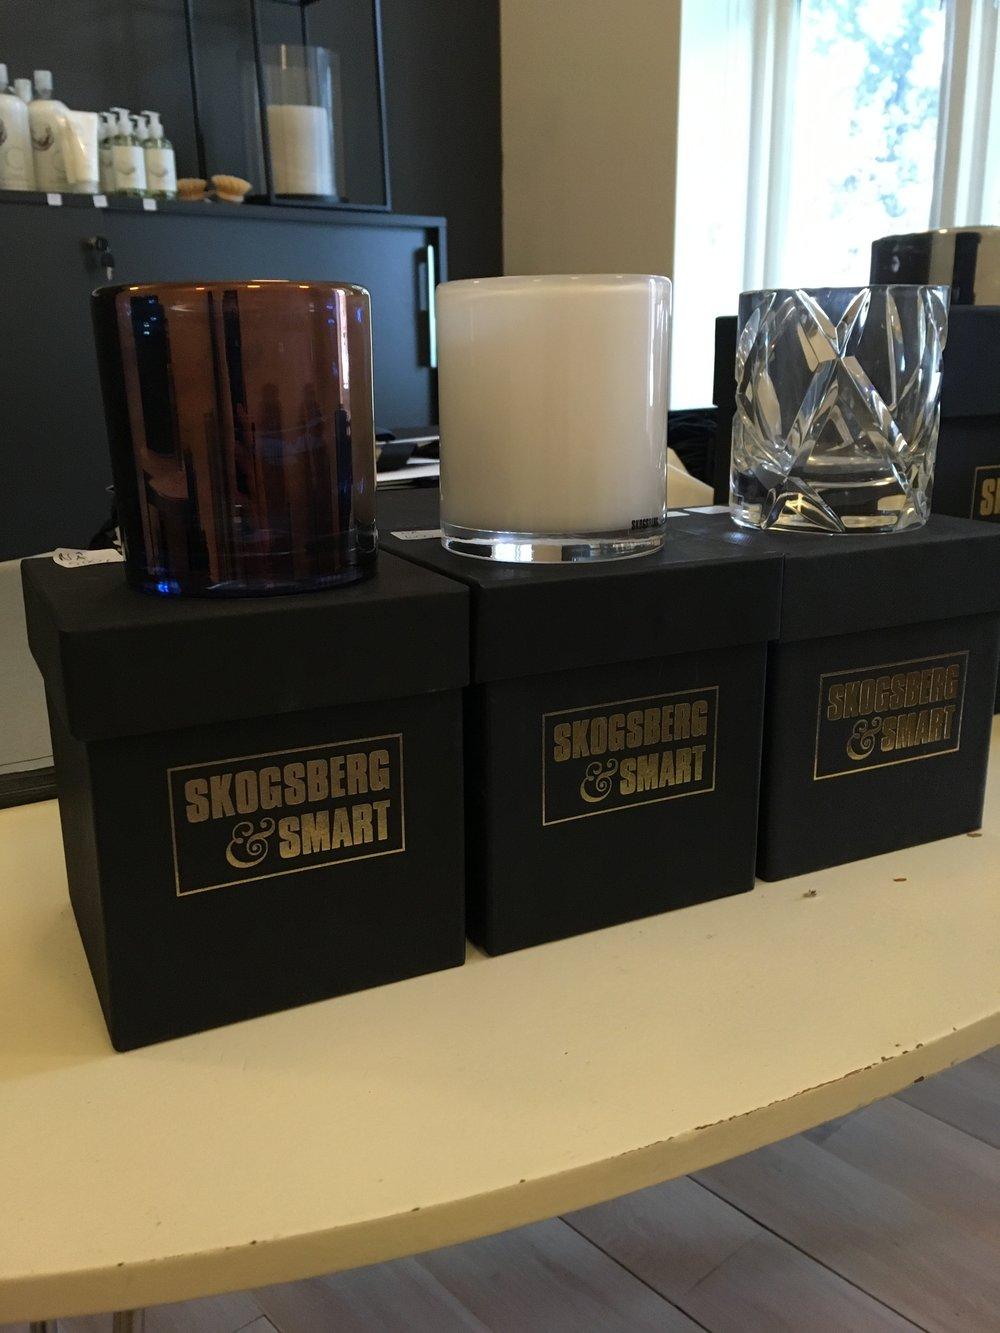 Skogsberg & Smart lykter - 500kr